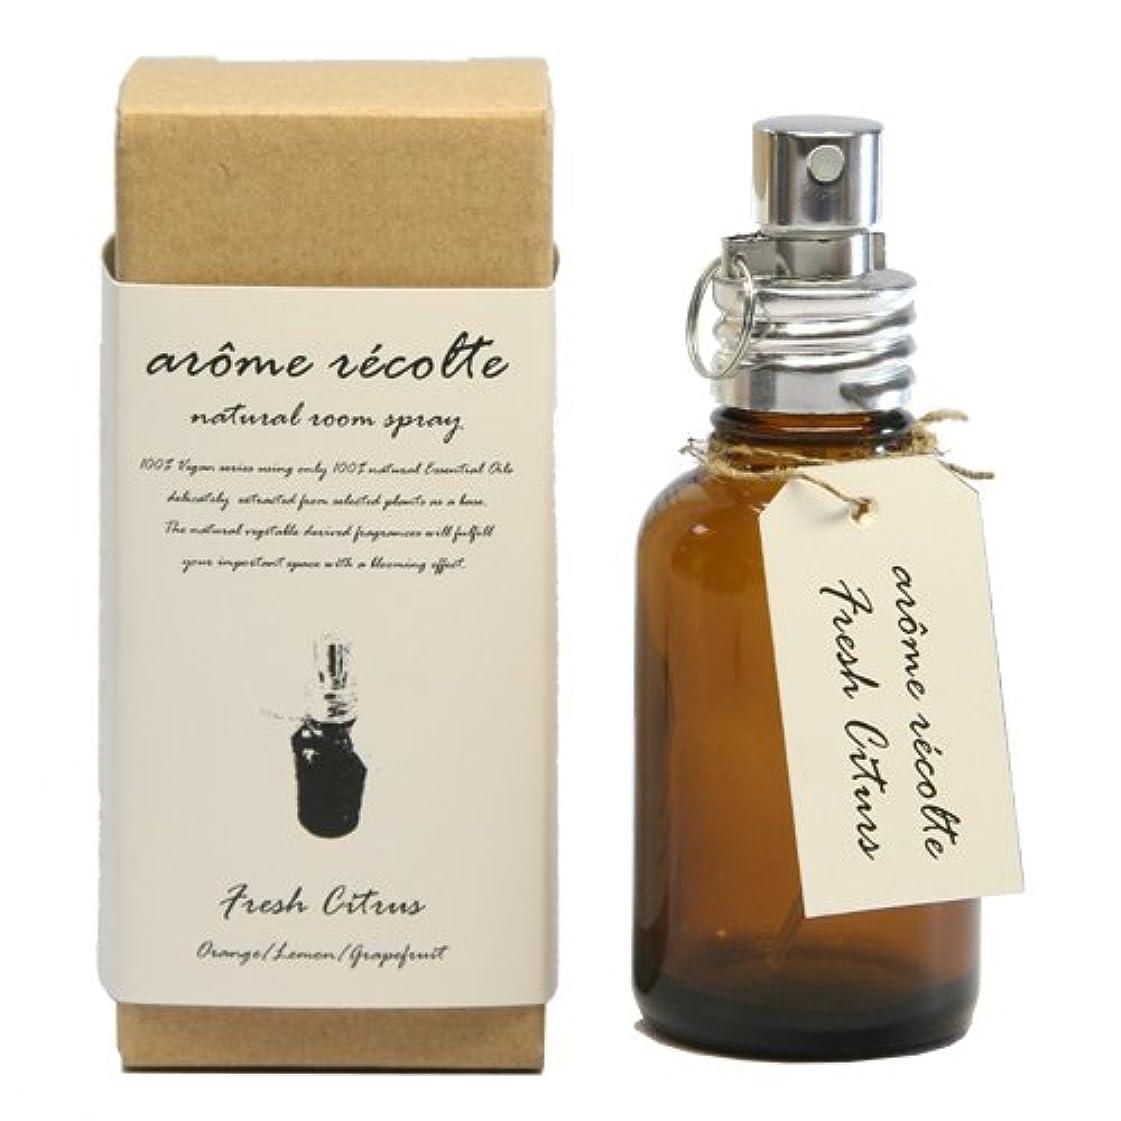 コンパニオン趣味最後のアロマレコルト ナチュラルルームスプレー  フレッシュシトラス【Fresh Citurs】 arome rcolte